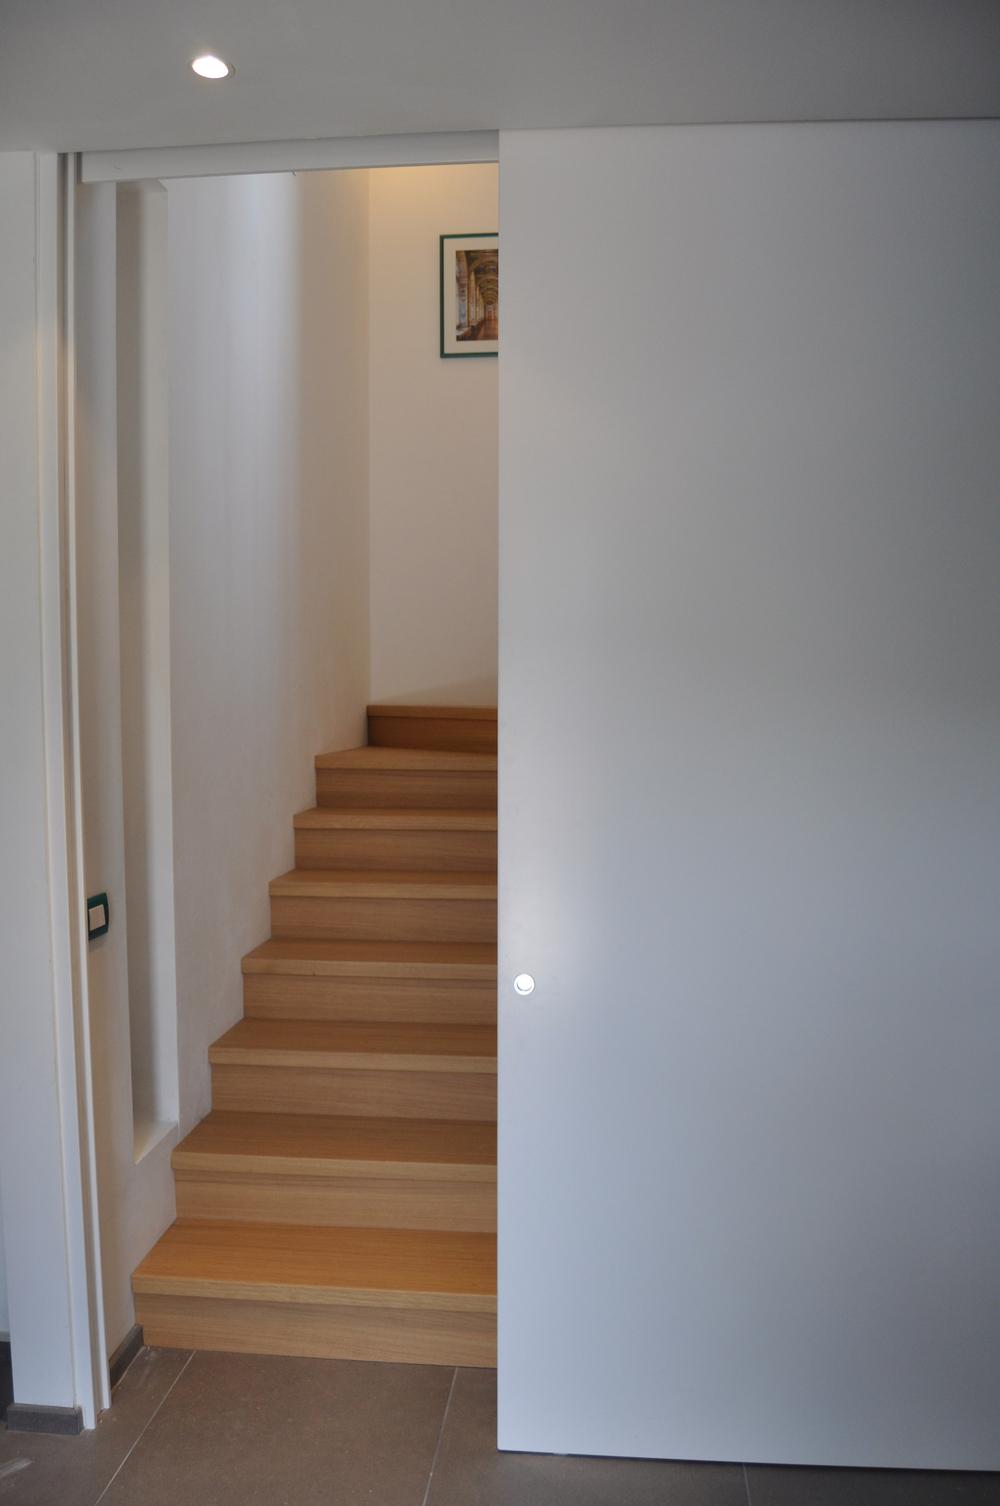 Porte roncoroni legno - Porta scorrevole bianca ...